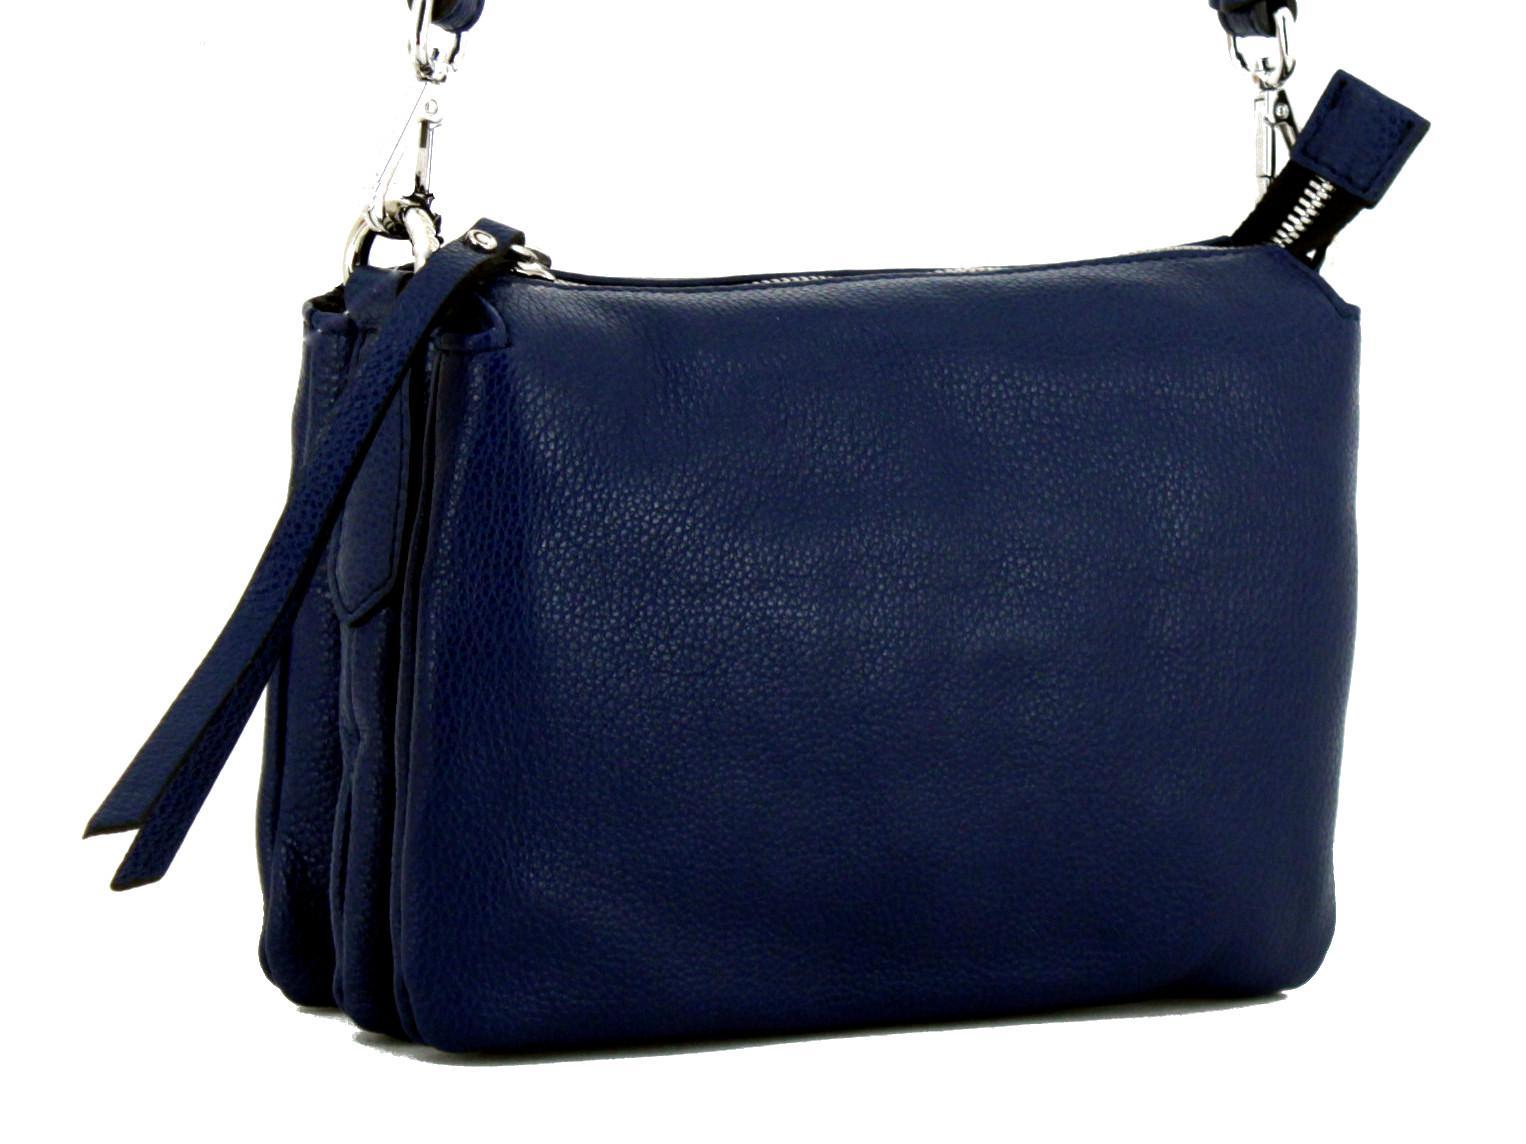 Abendtasche Three Gianni Chiarini Klein Blue dunkelblau